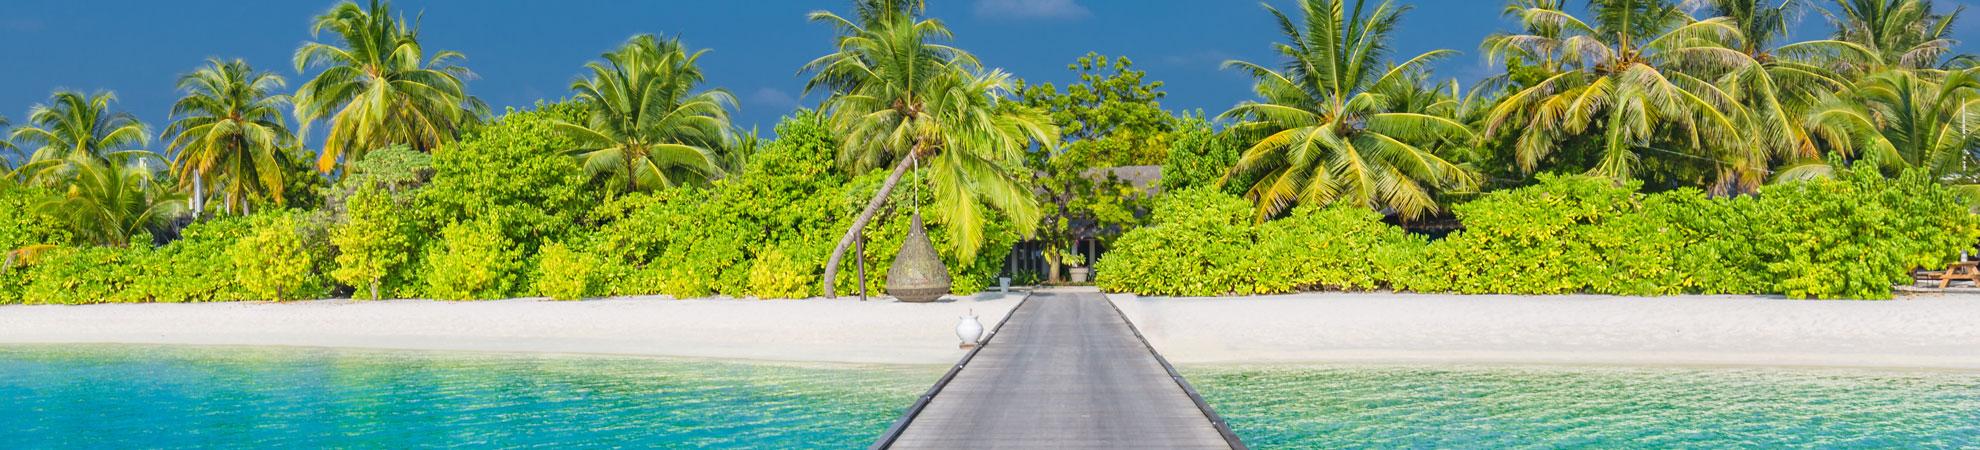 Voyage Île Maurice tout compris